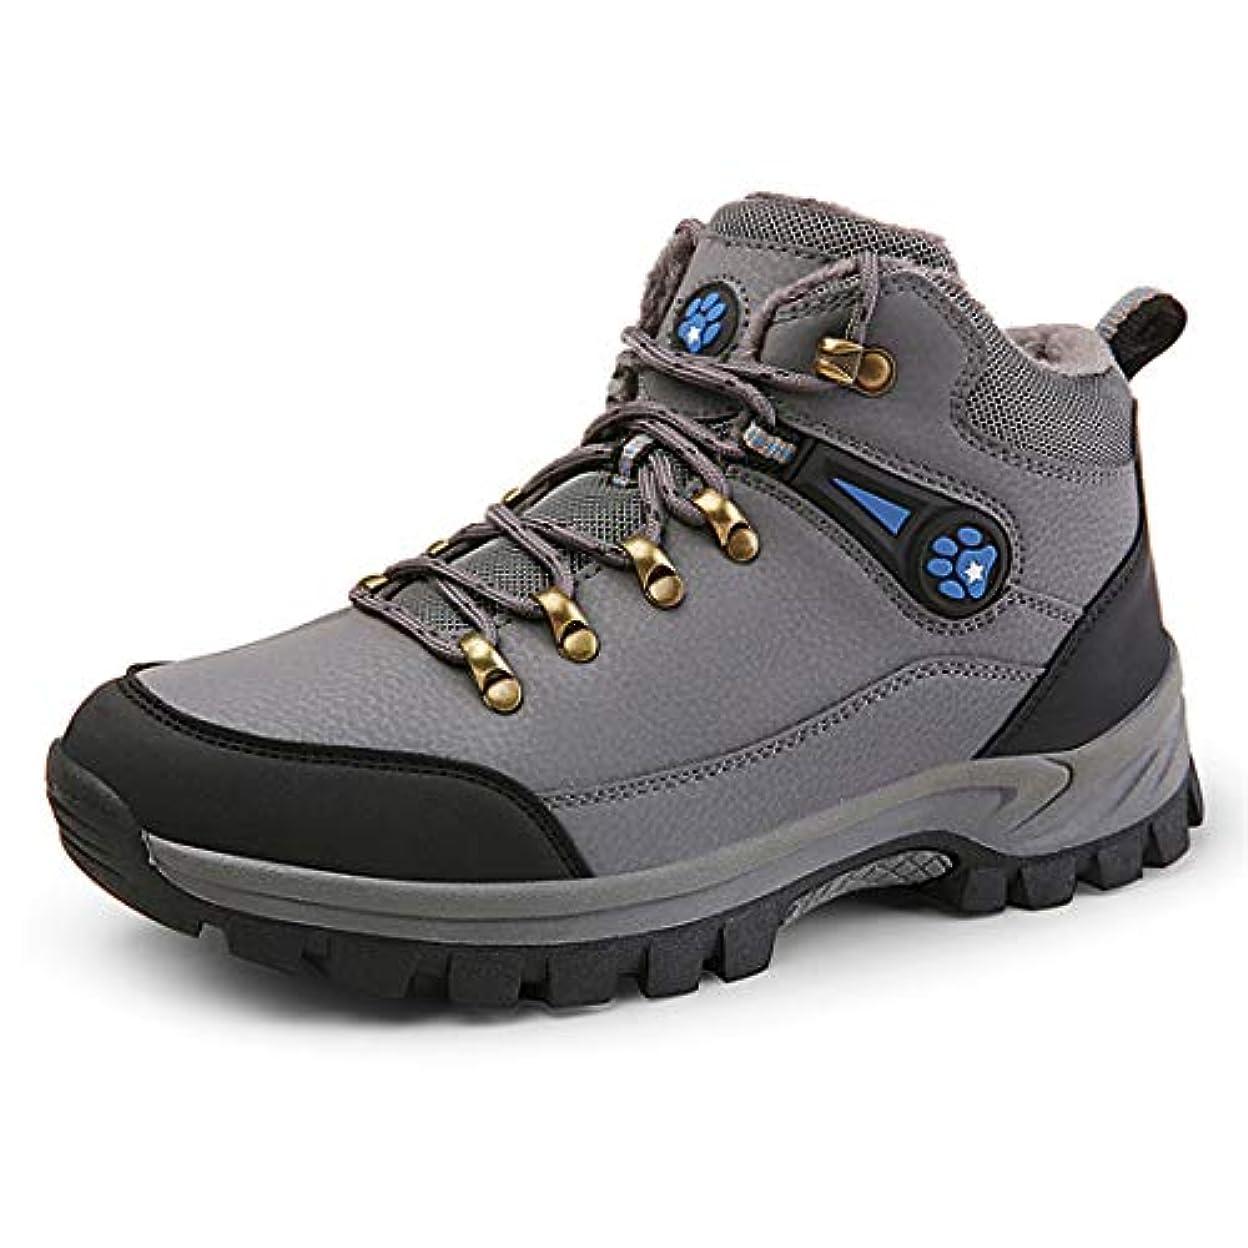 カビうがいジャンプするトレッキングシューズ 登山靴 メンズ ハイキングクライミング シューズ ウトドアウォーキングシューズ スポーツブラック